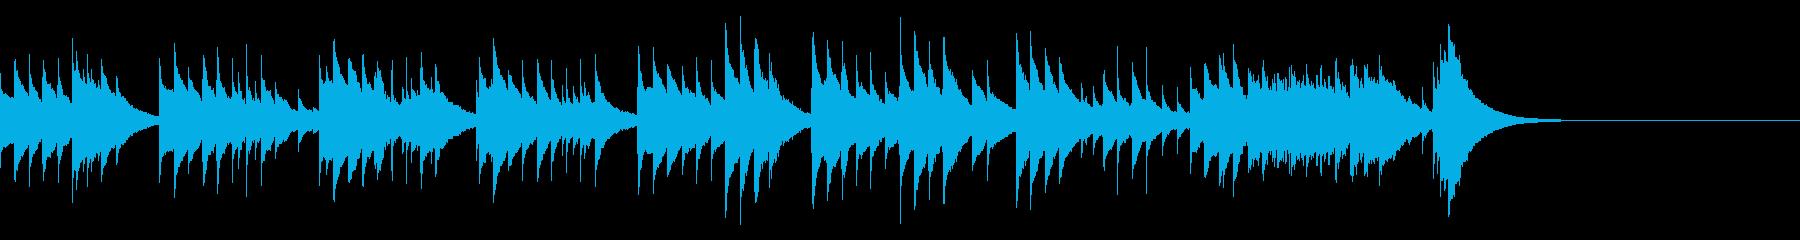 不思議であやしい雰囲気のオルゴールの曲の再生済みの波形